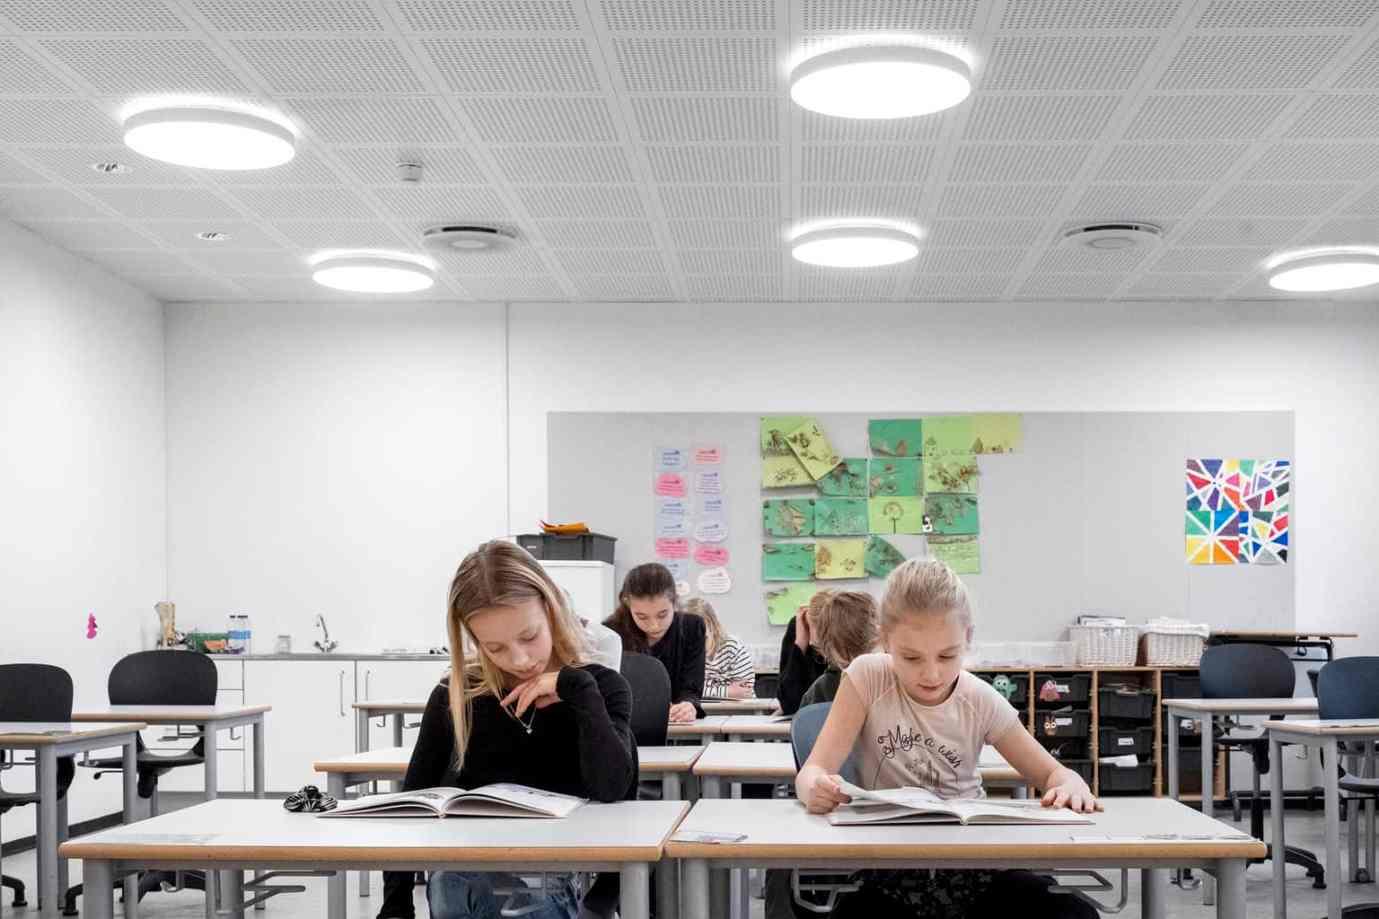 Stimulierendes, kaltweißes Licht erweckt das Klassenzimmer zum Leben und fördert die Aufmerksamkeit. (Bild: Zumtobel)